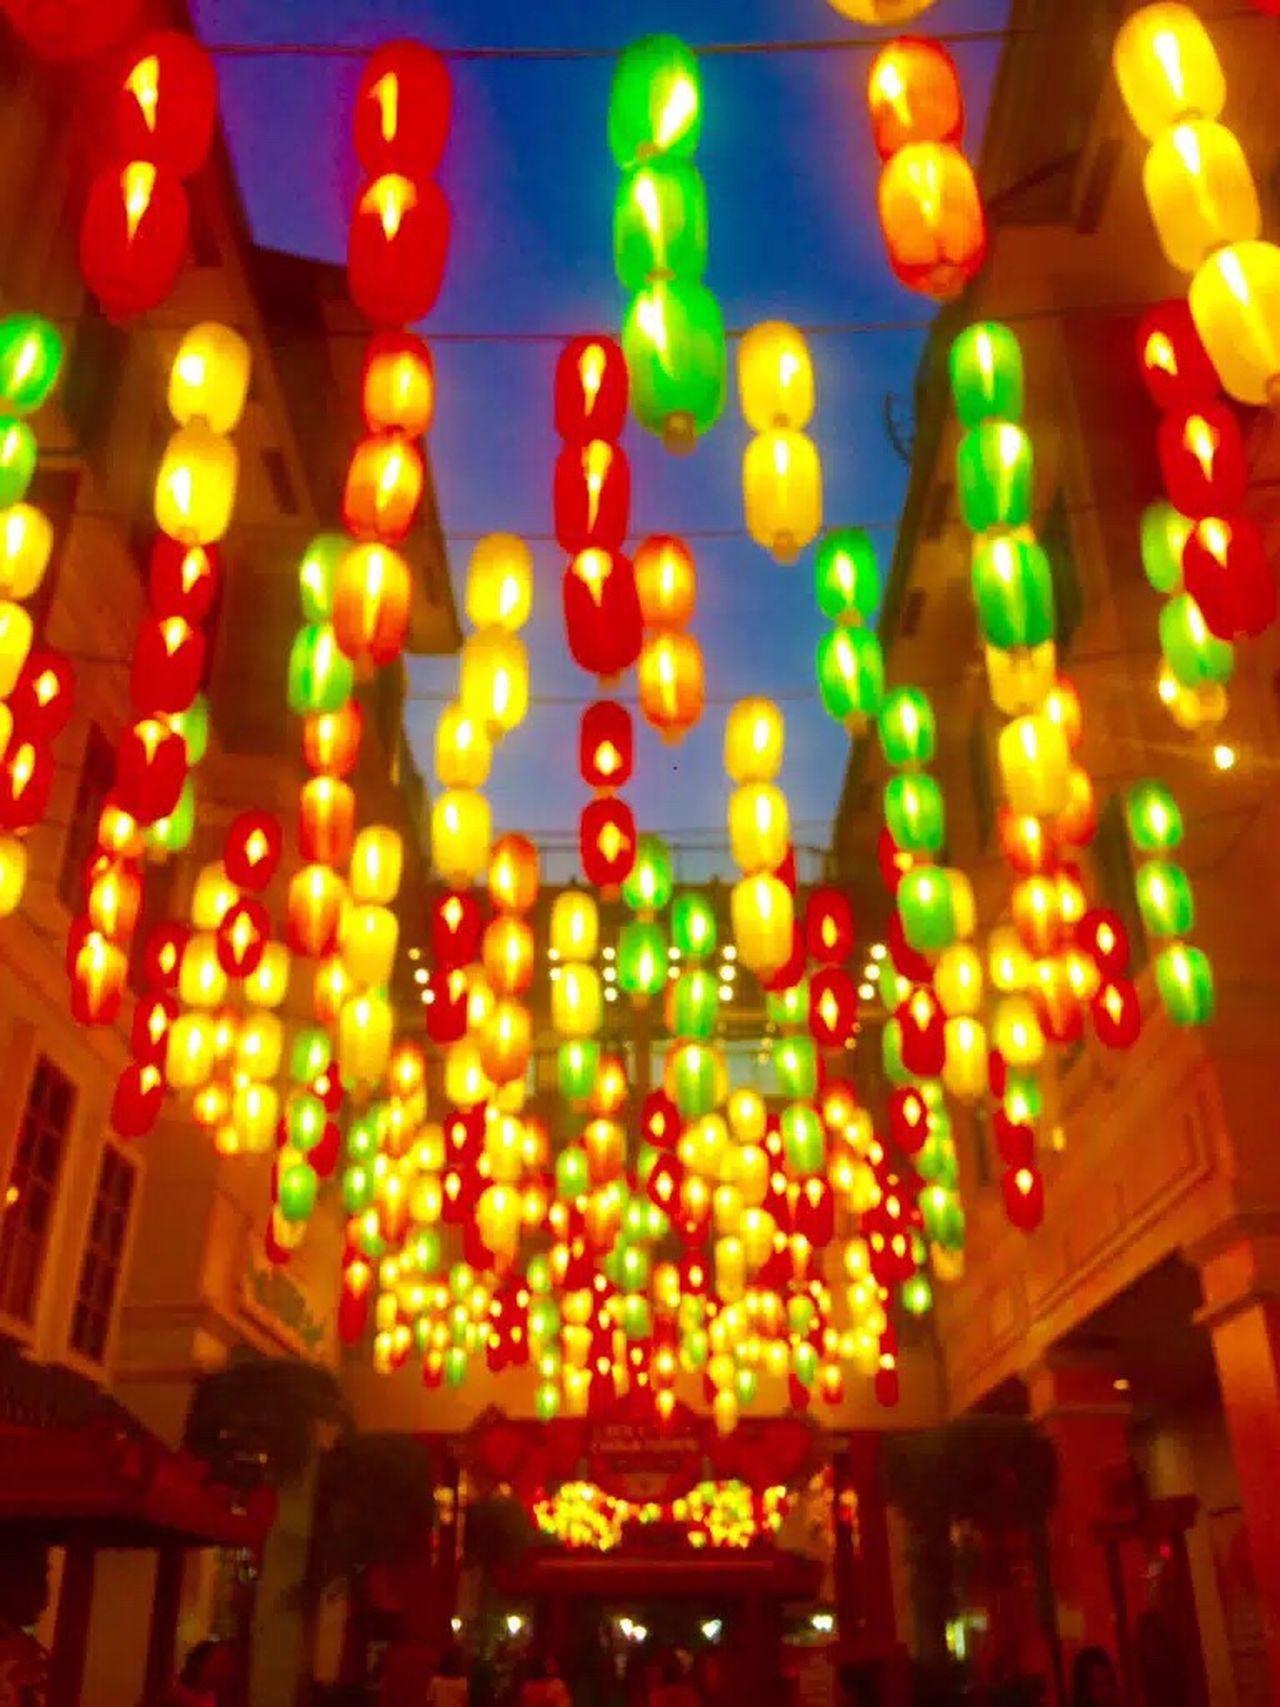 Chinese Lantern Chinatown Colorful Lanterns Lanterns